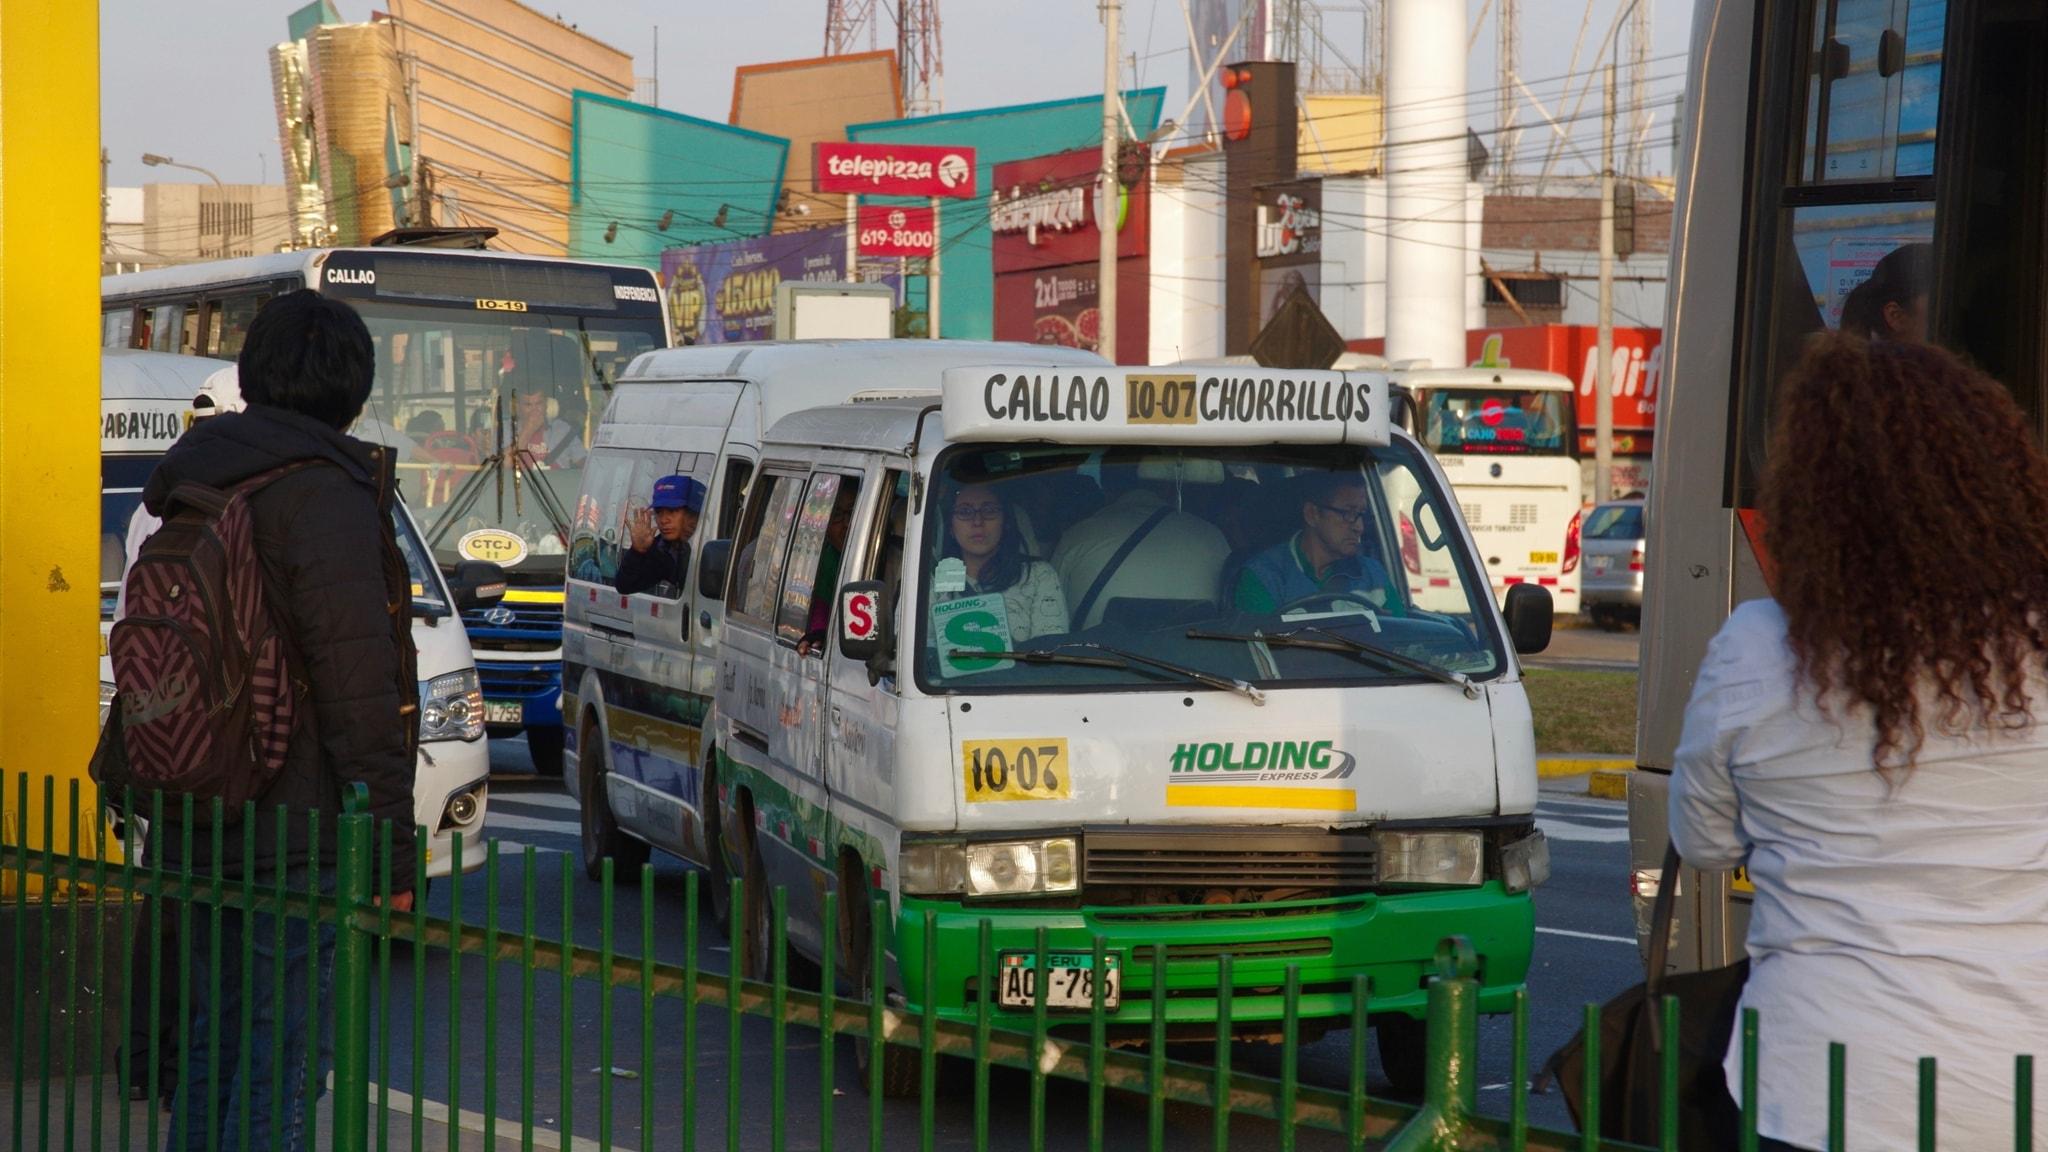 """Privata minibussar, s k combis, trängs i Limas trafikkaos. """"Combikulturen"""" har blivit en metafor för ett samhälle där konkurrensen är hård."""